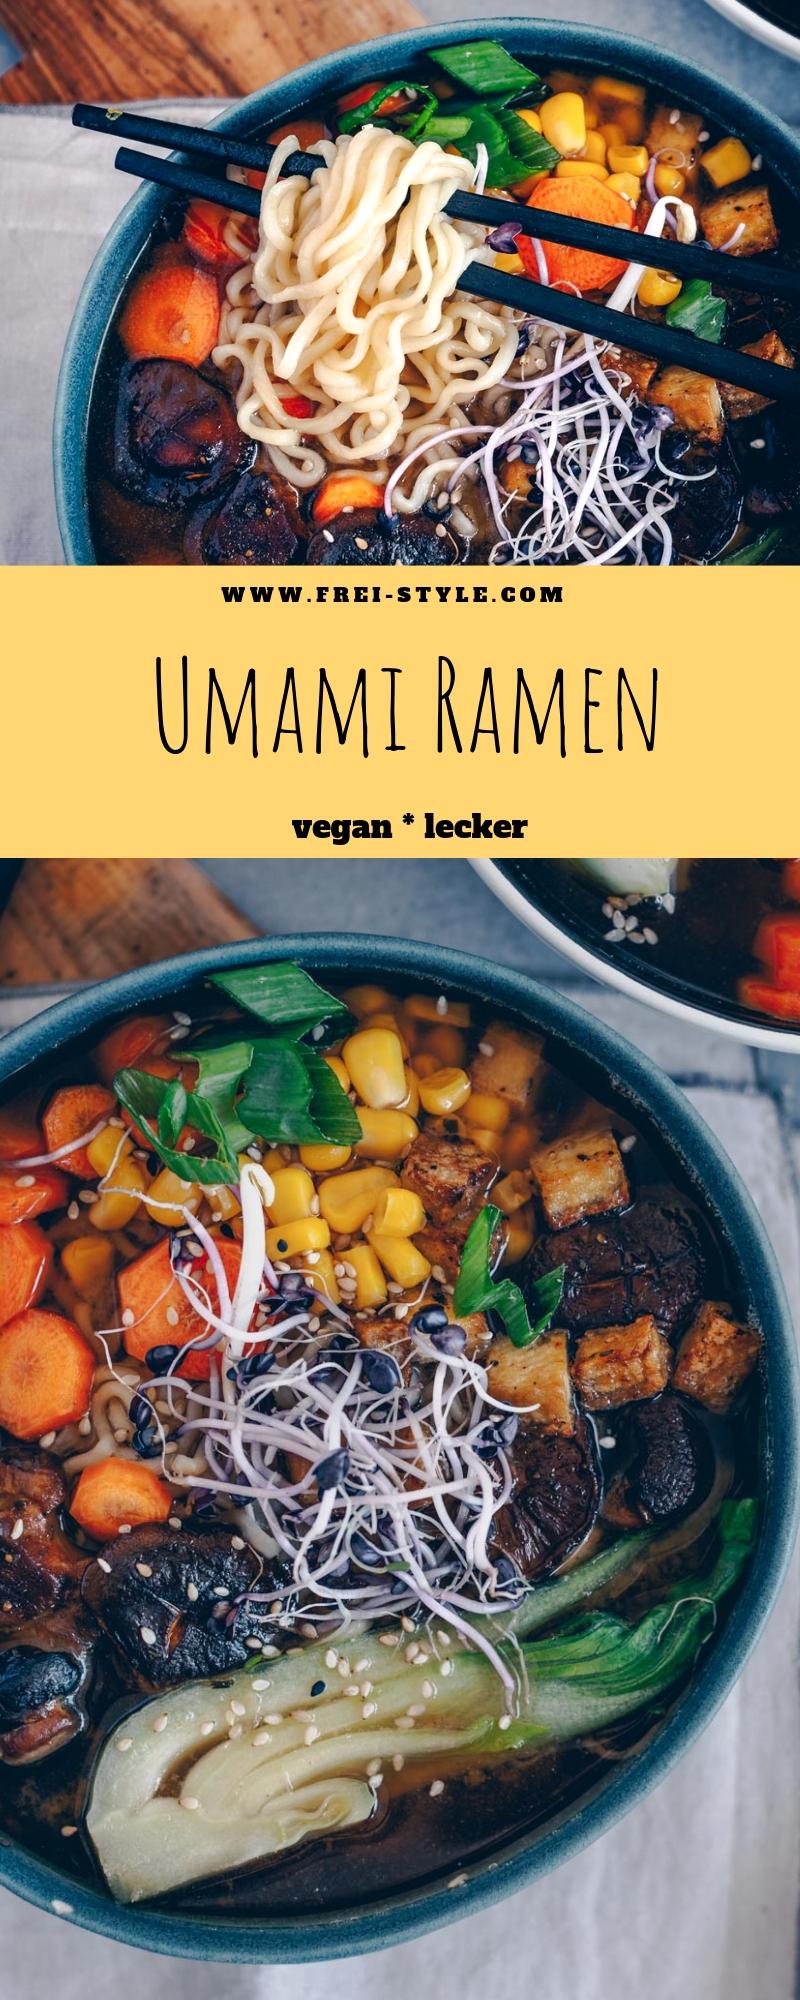 Umami Ramen - japanische Nudelsuppe vegan